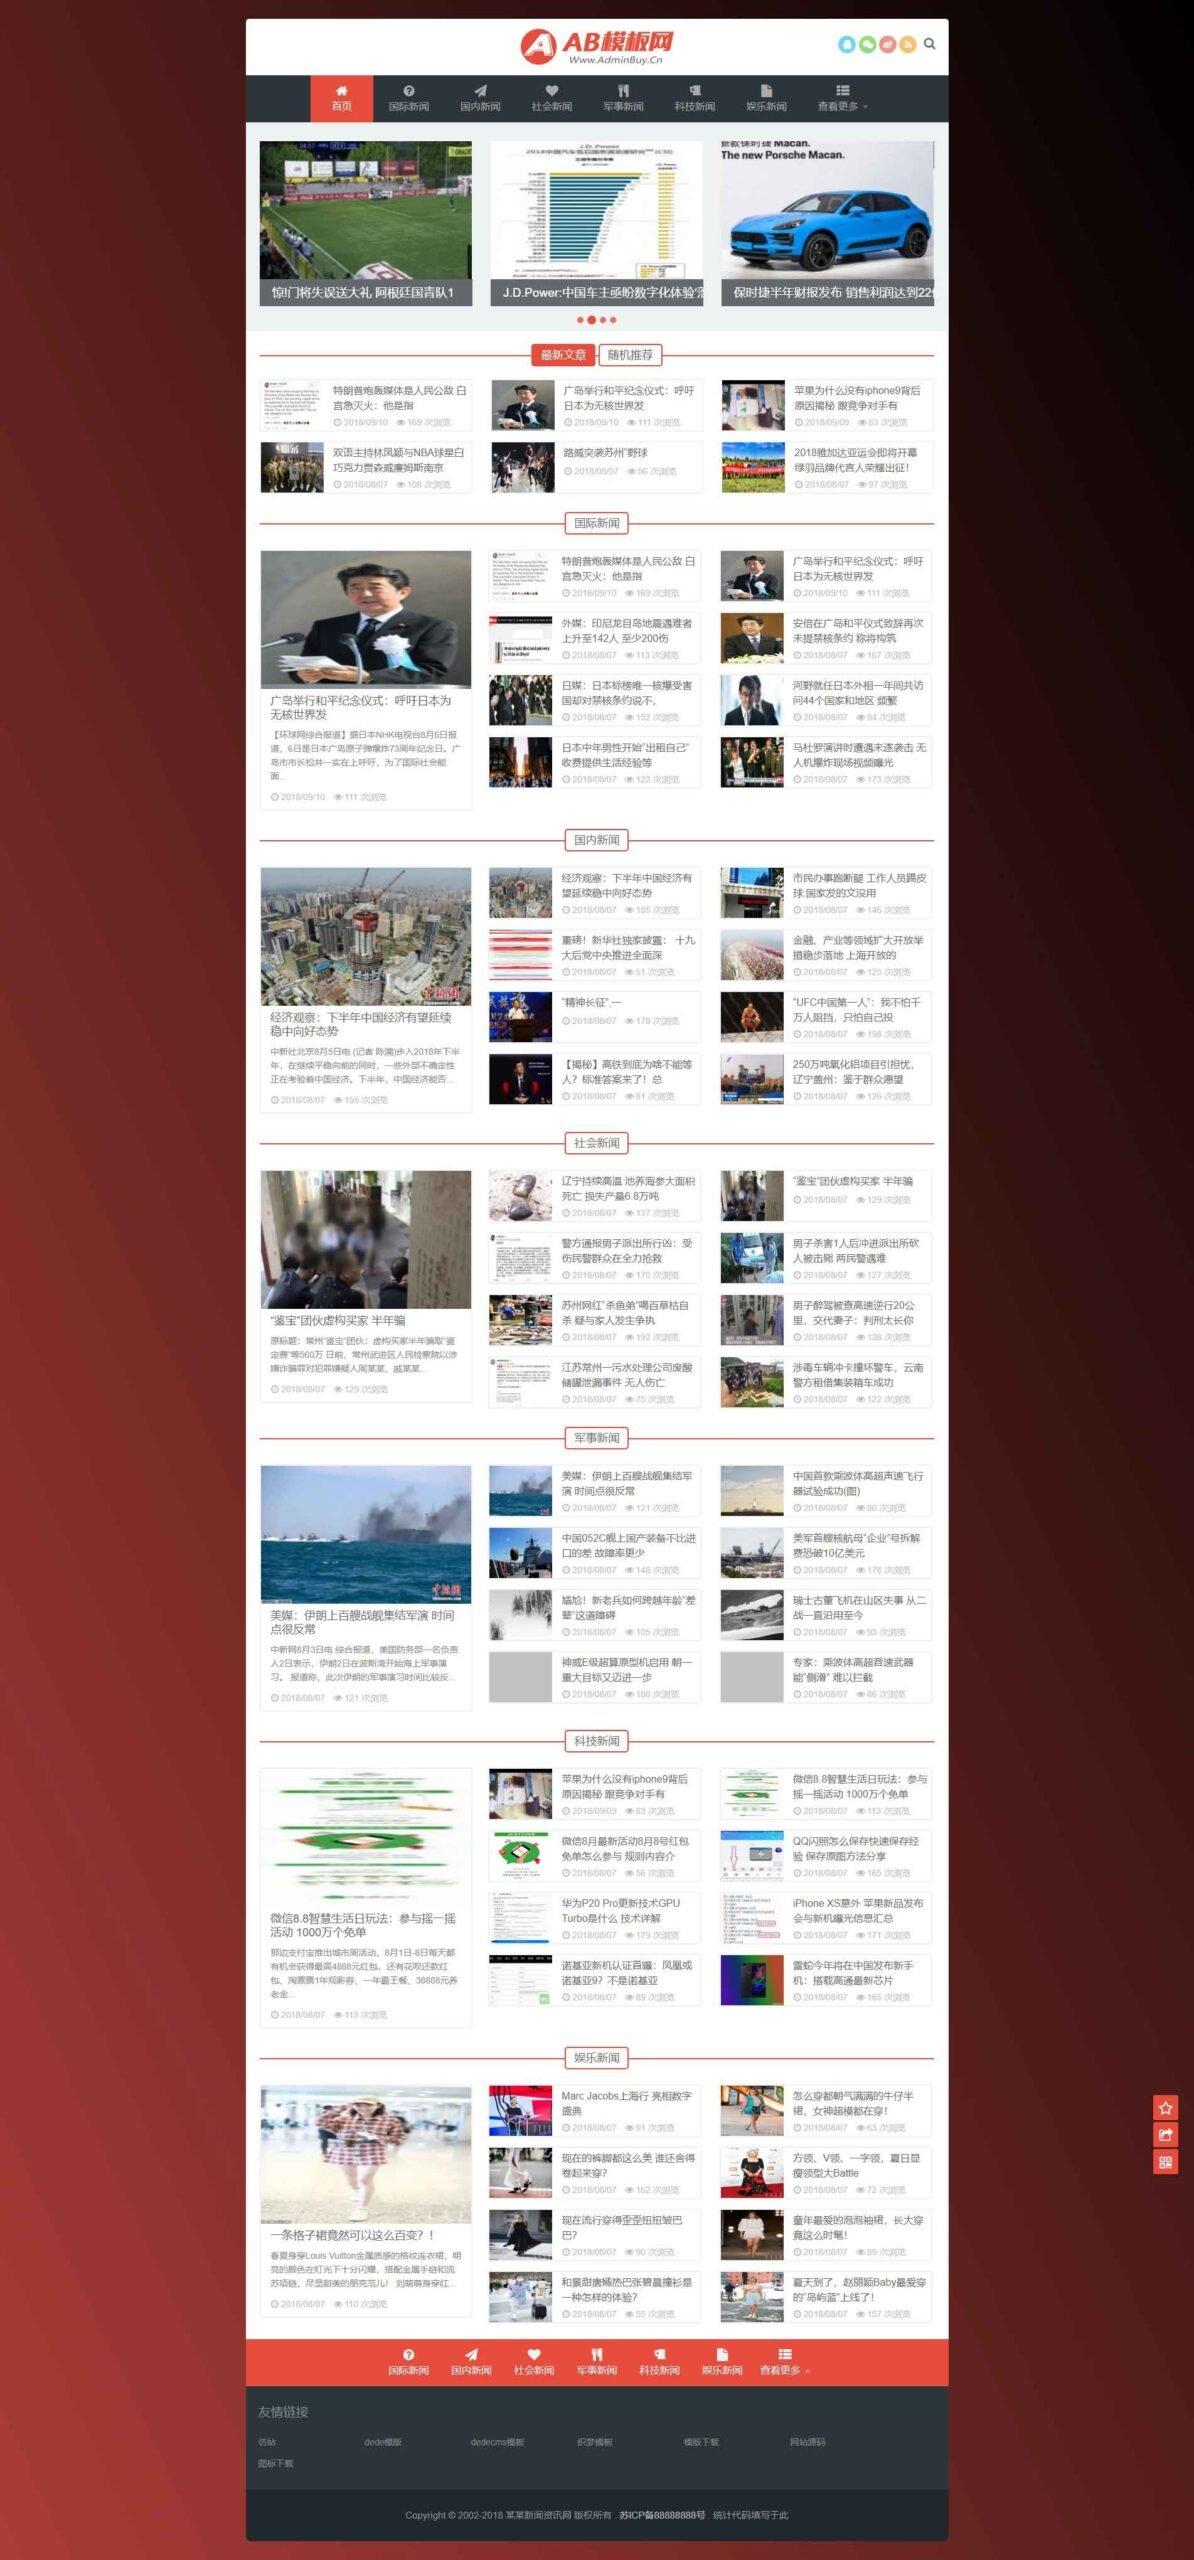 新闻资讯门户博客网站织梦dede模板源码[自适应手机版]插图